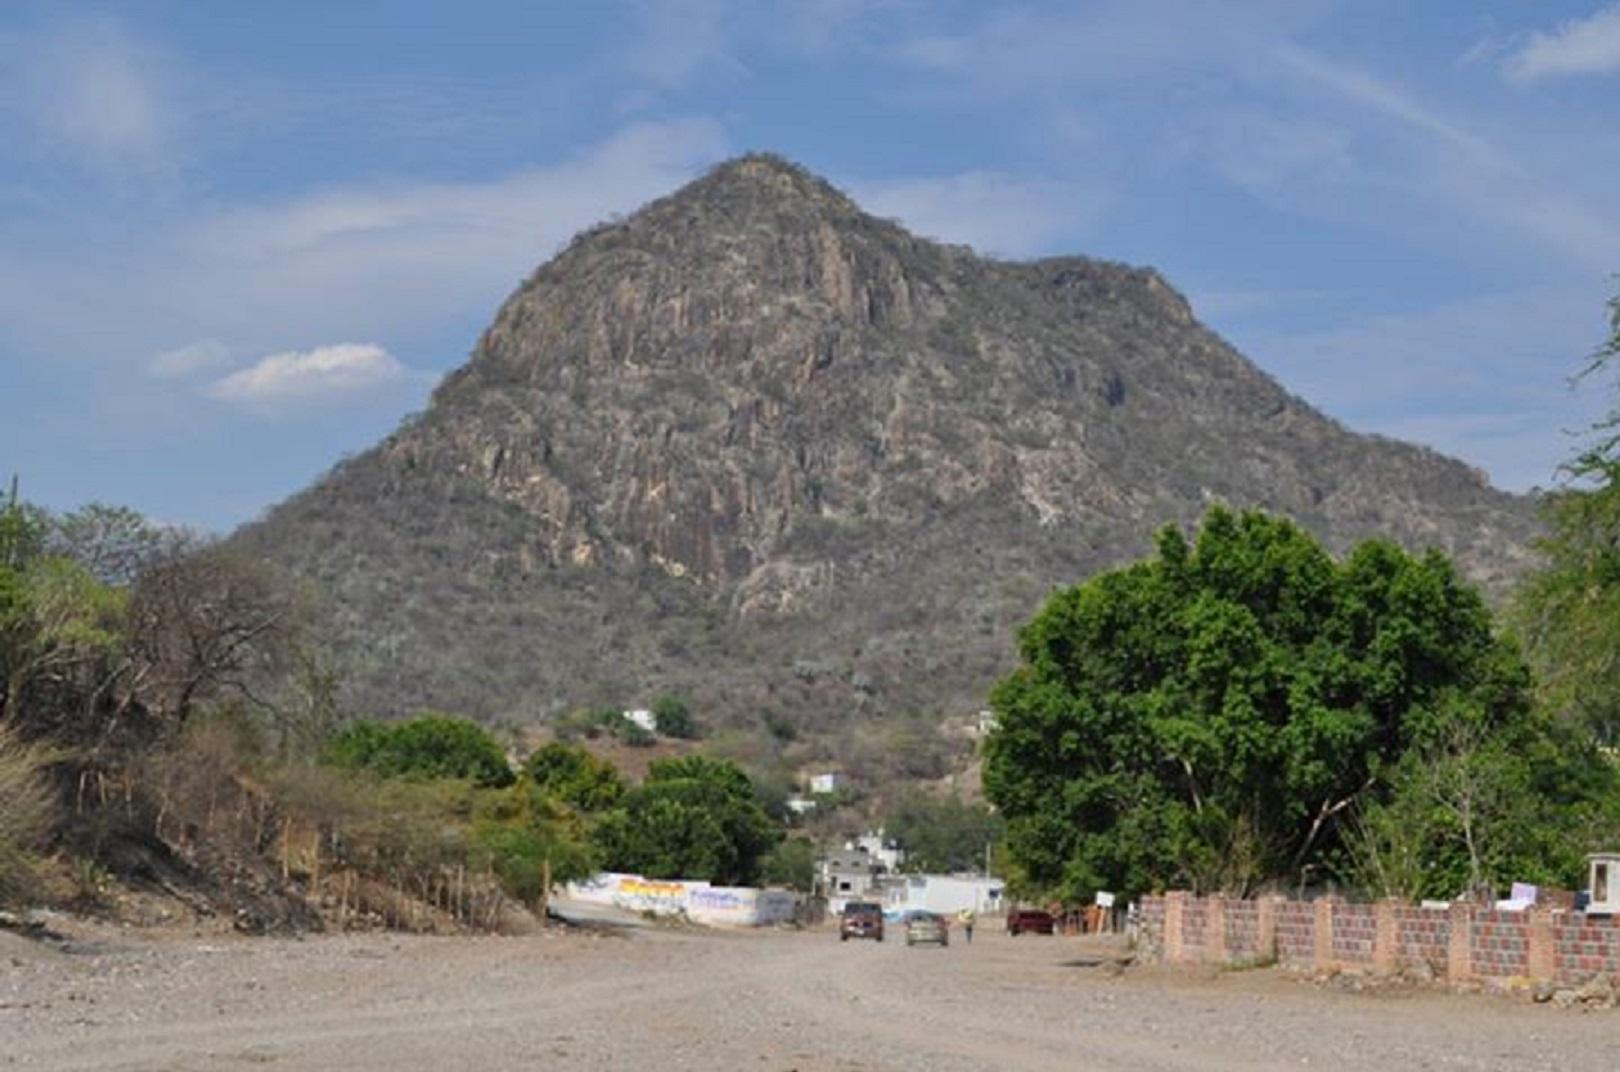 La Gran Peña, origen de mitos y leyendas en la Mixteca poblana y oaxaqueña